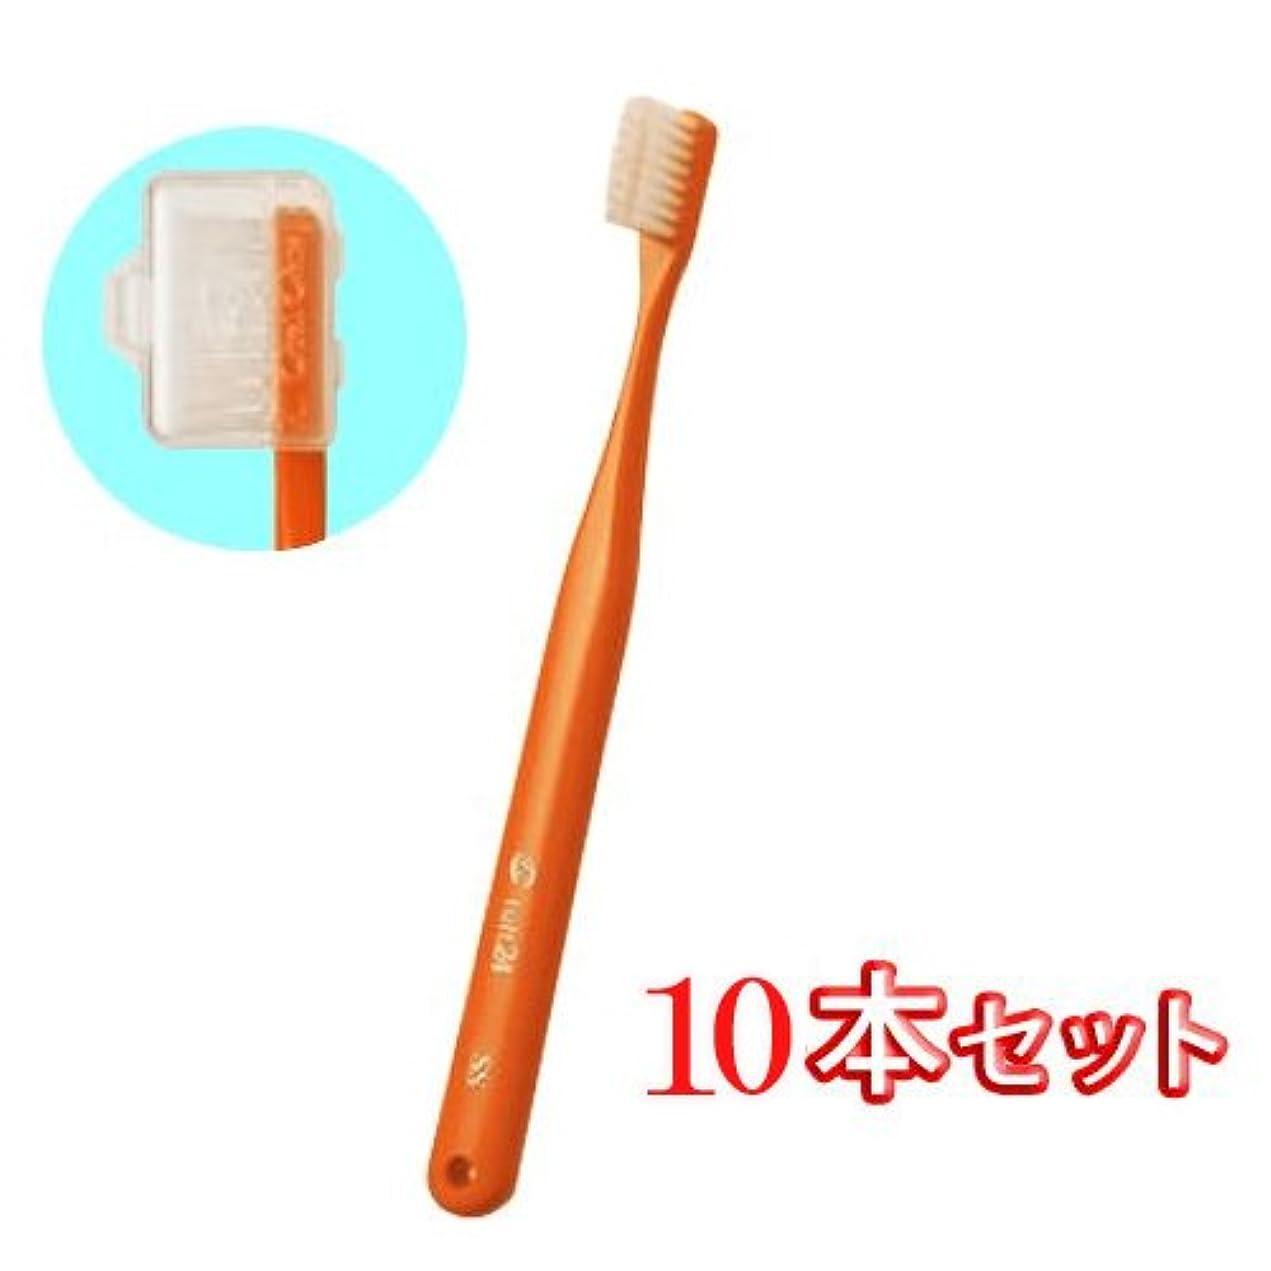 にんじん潜水艦論理的にオーラルケア キャップ付き タフト 24 歯ブラシ スーパーソフト 10本 (オレンジ)